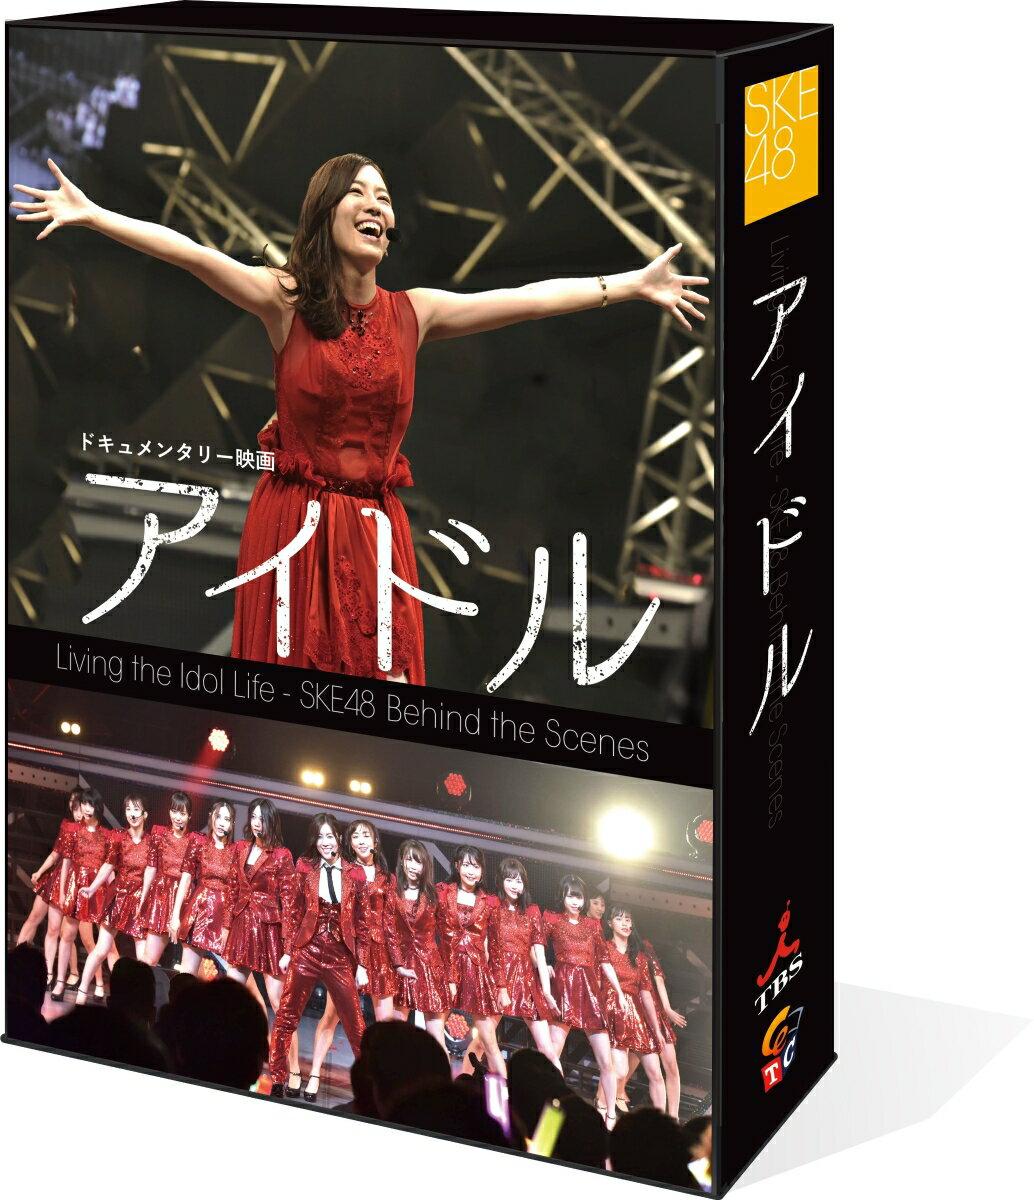 ドキュメンタリー映画「アイドル」 コンプリートDVD-BOX [ SKE48 ]